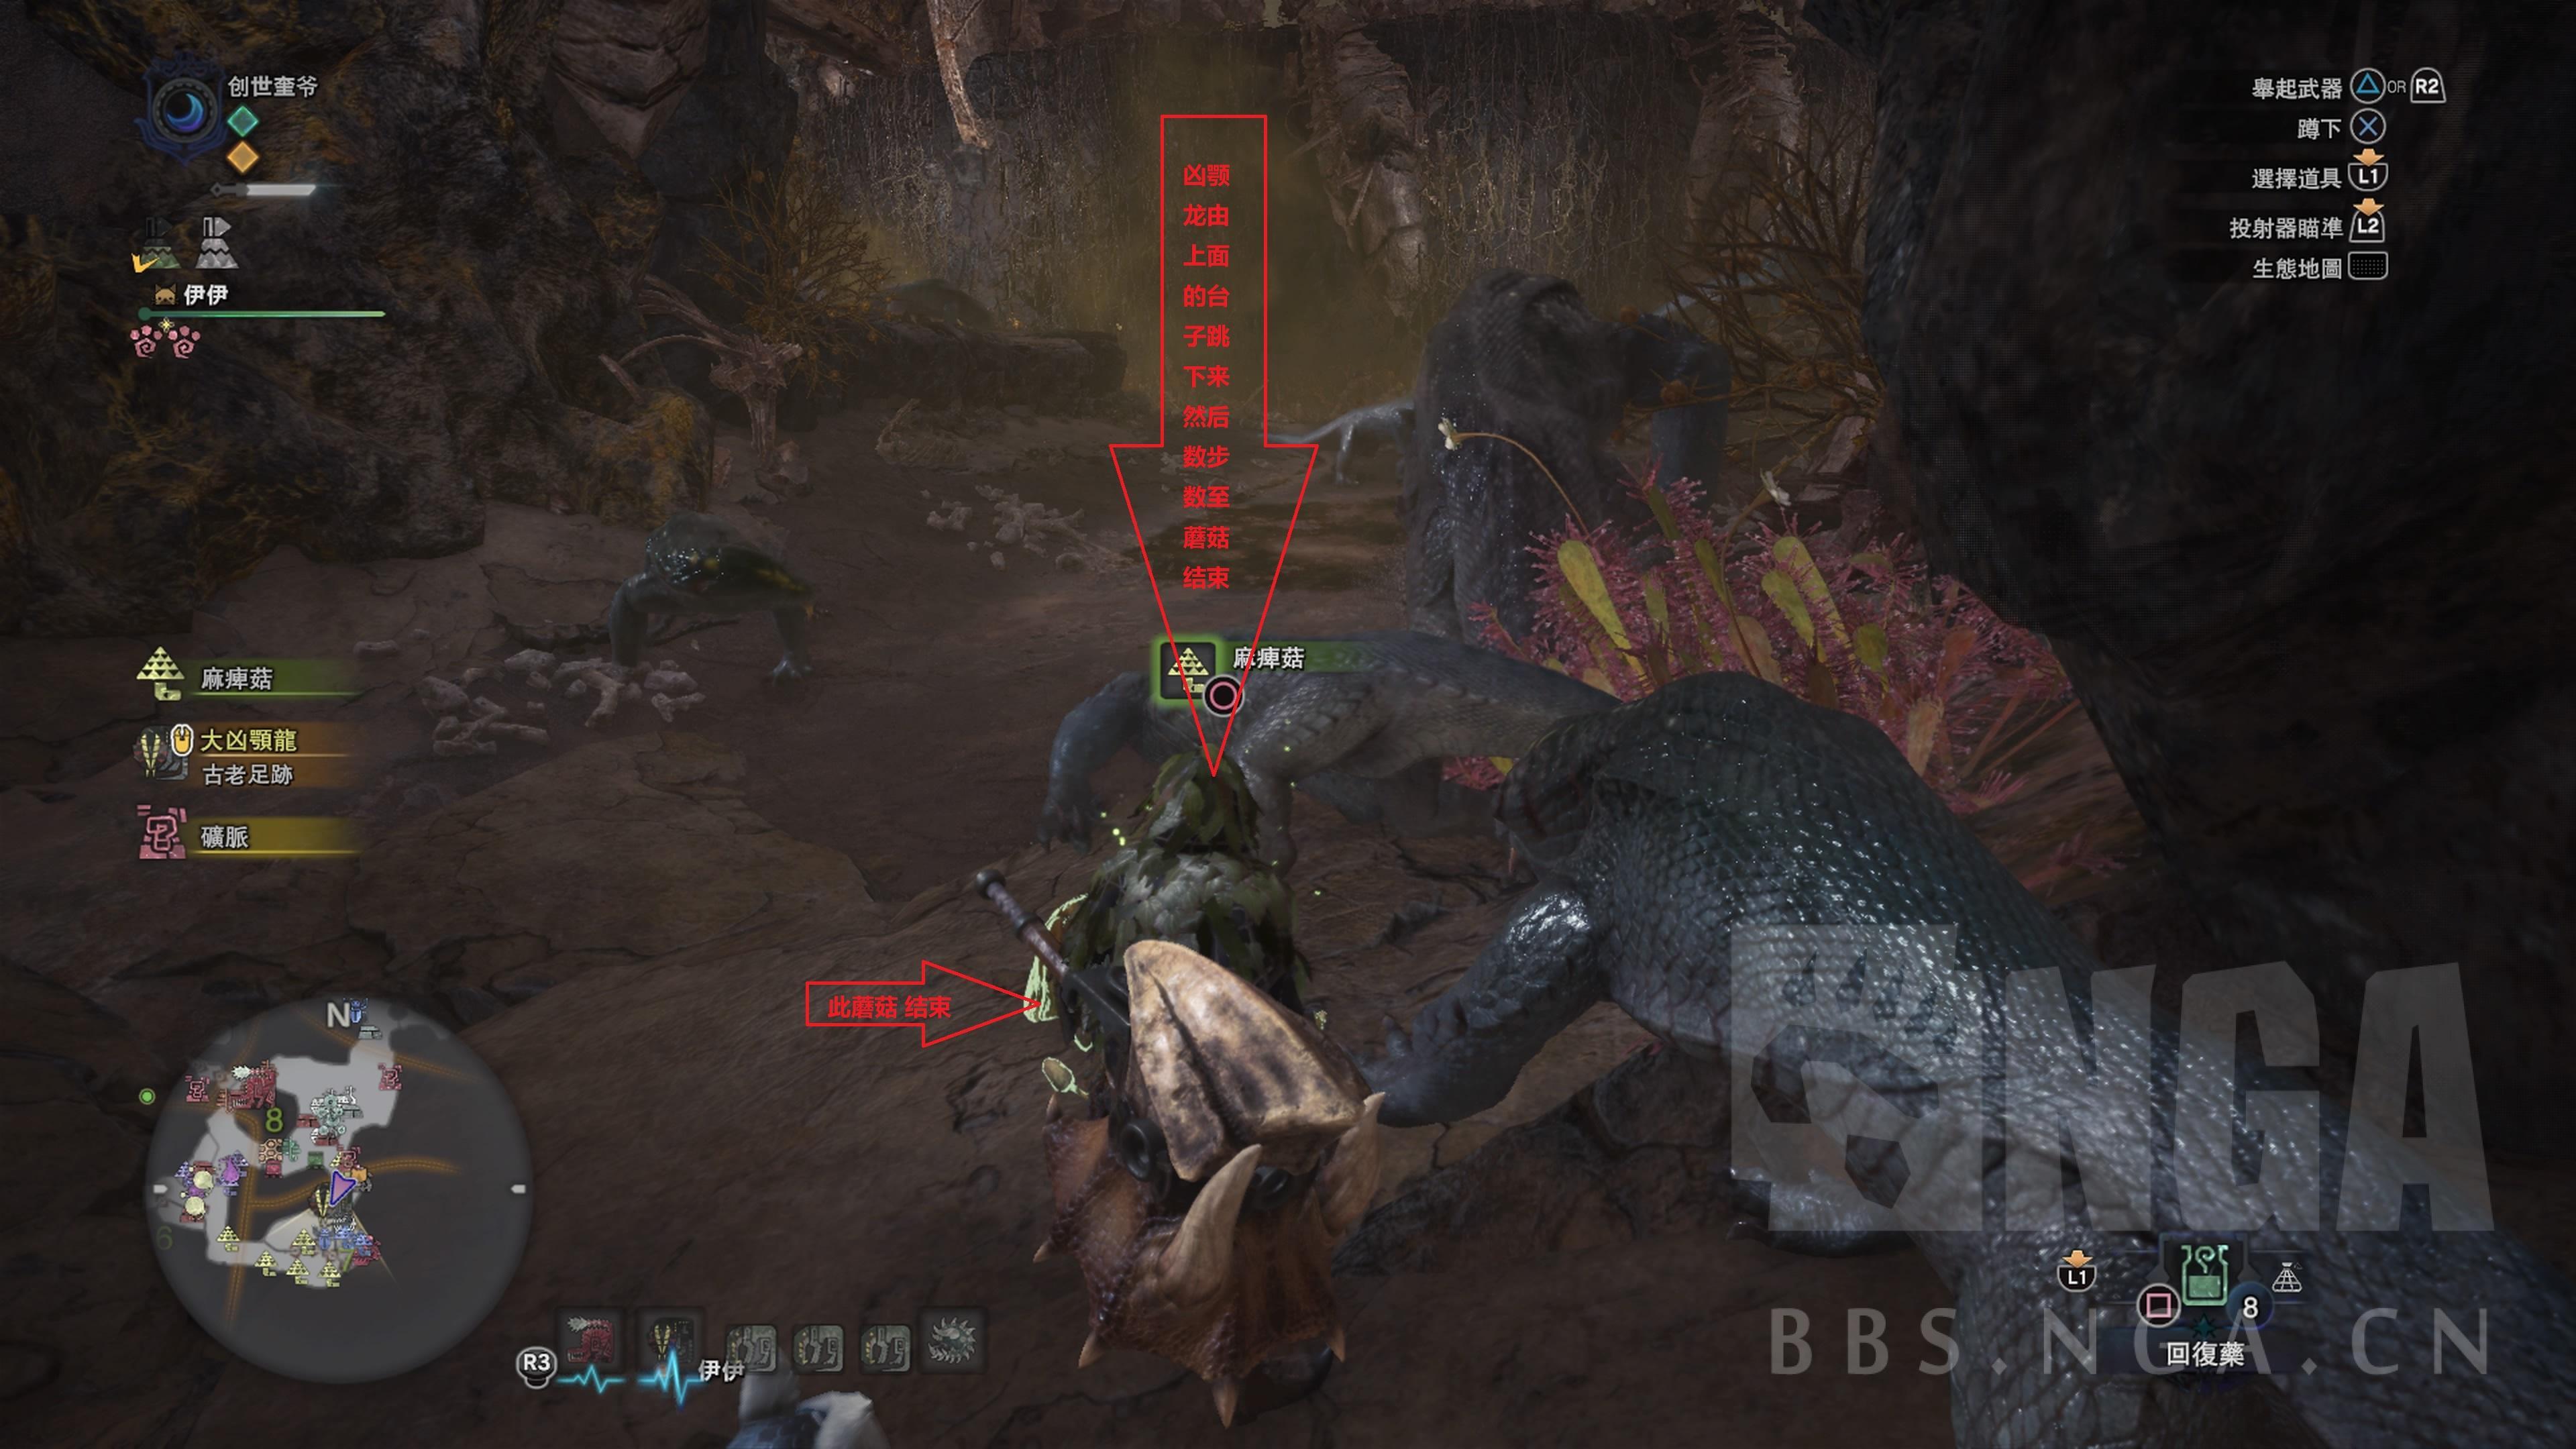 《魔物獵人 世界》全大小金怪攻略 附圖片詳解 | 電玩01